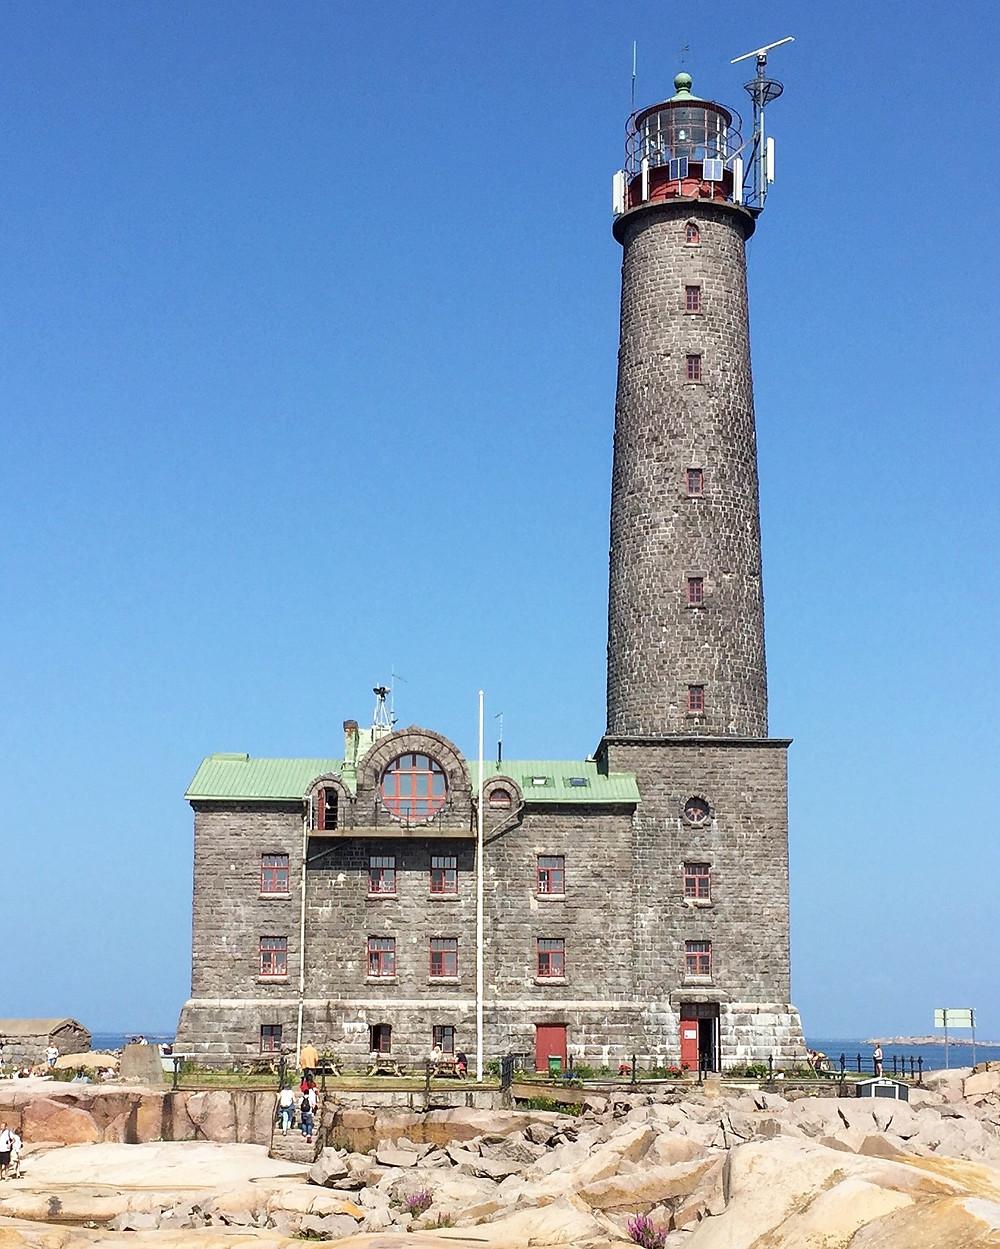 Bengtskär Lighthouse, celebrating 110 years